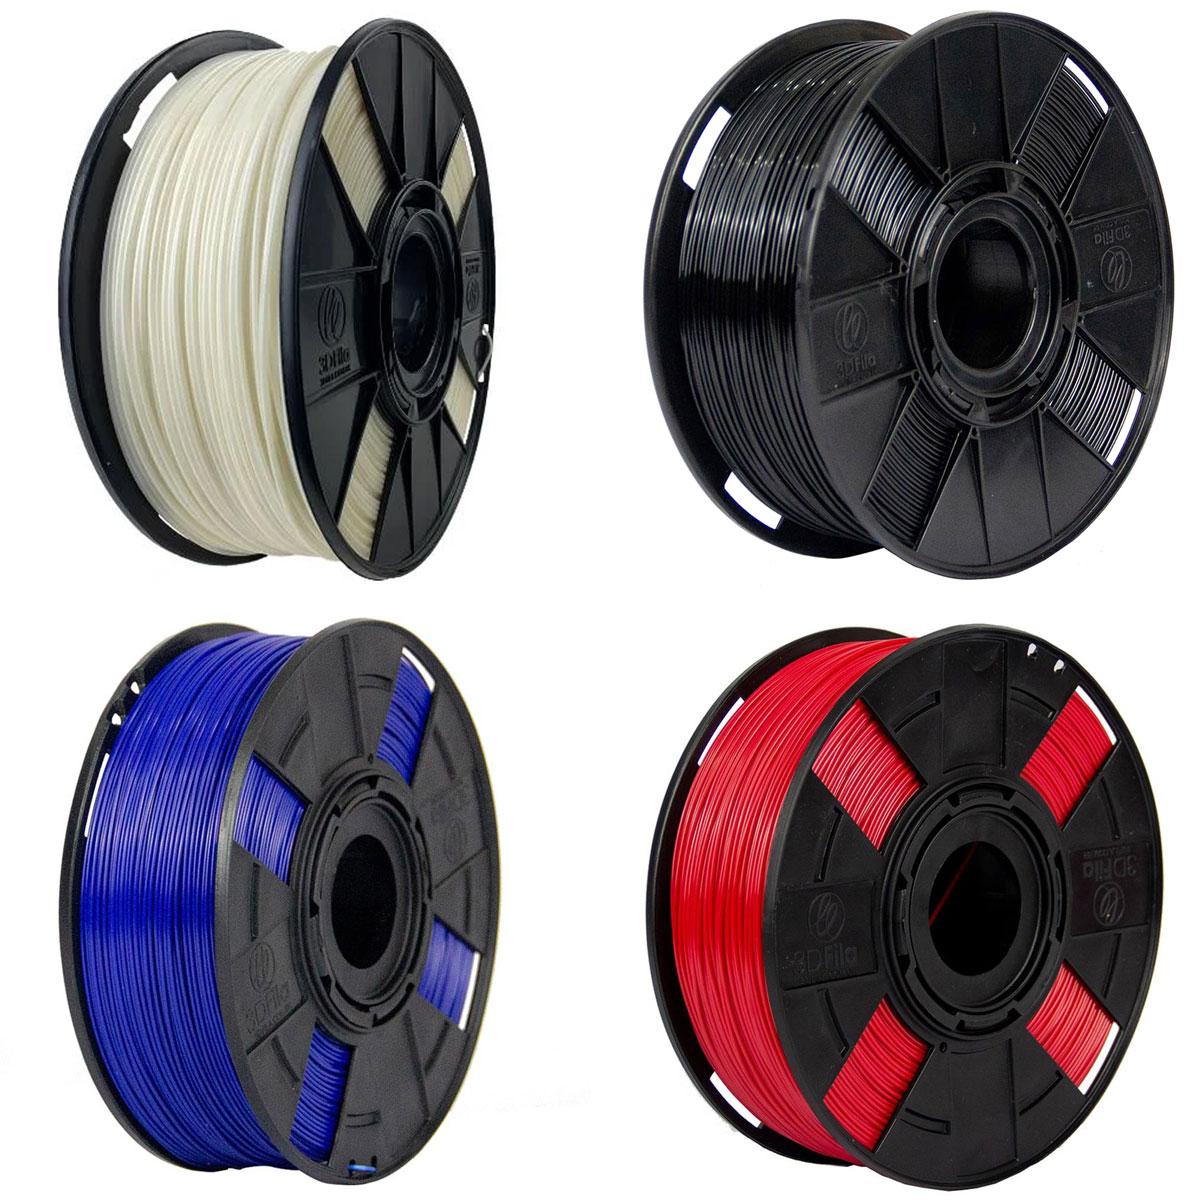 Filamento ABS Premium 3DFILA para Impressão 3D | 1,75mm | 1kg | Impressora 3D